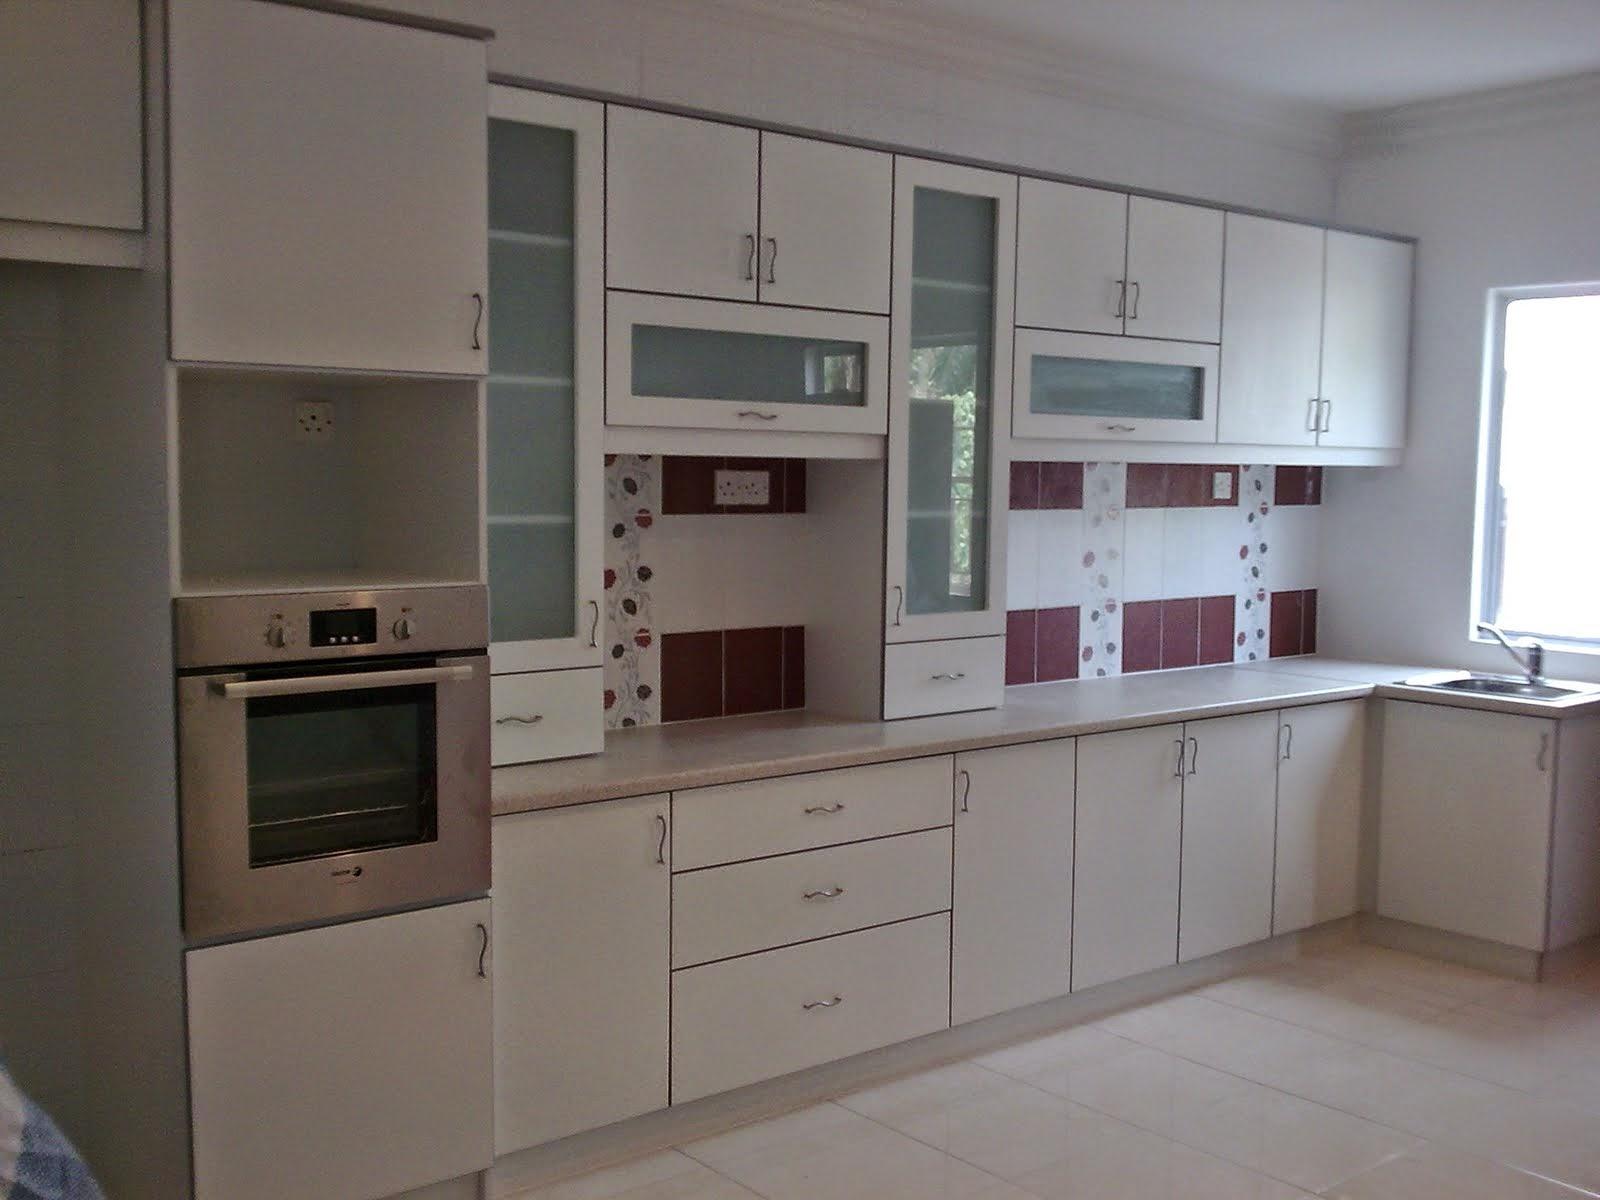 Jenis Kayu Untuk Kabinet Dapur Desainrumahid